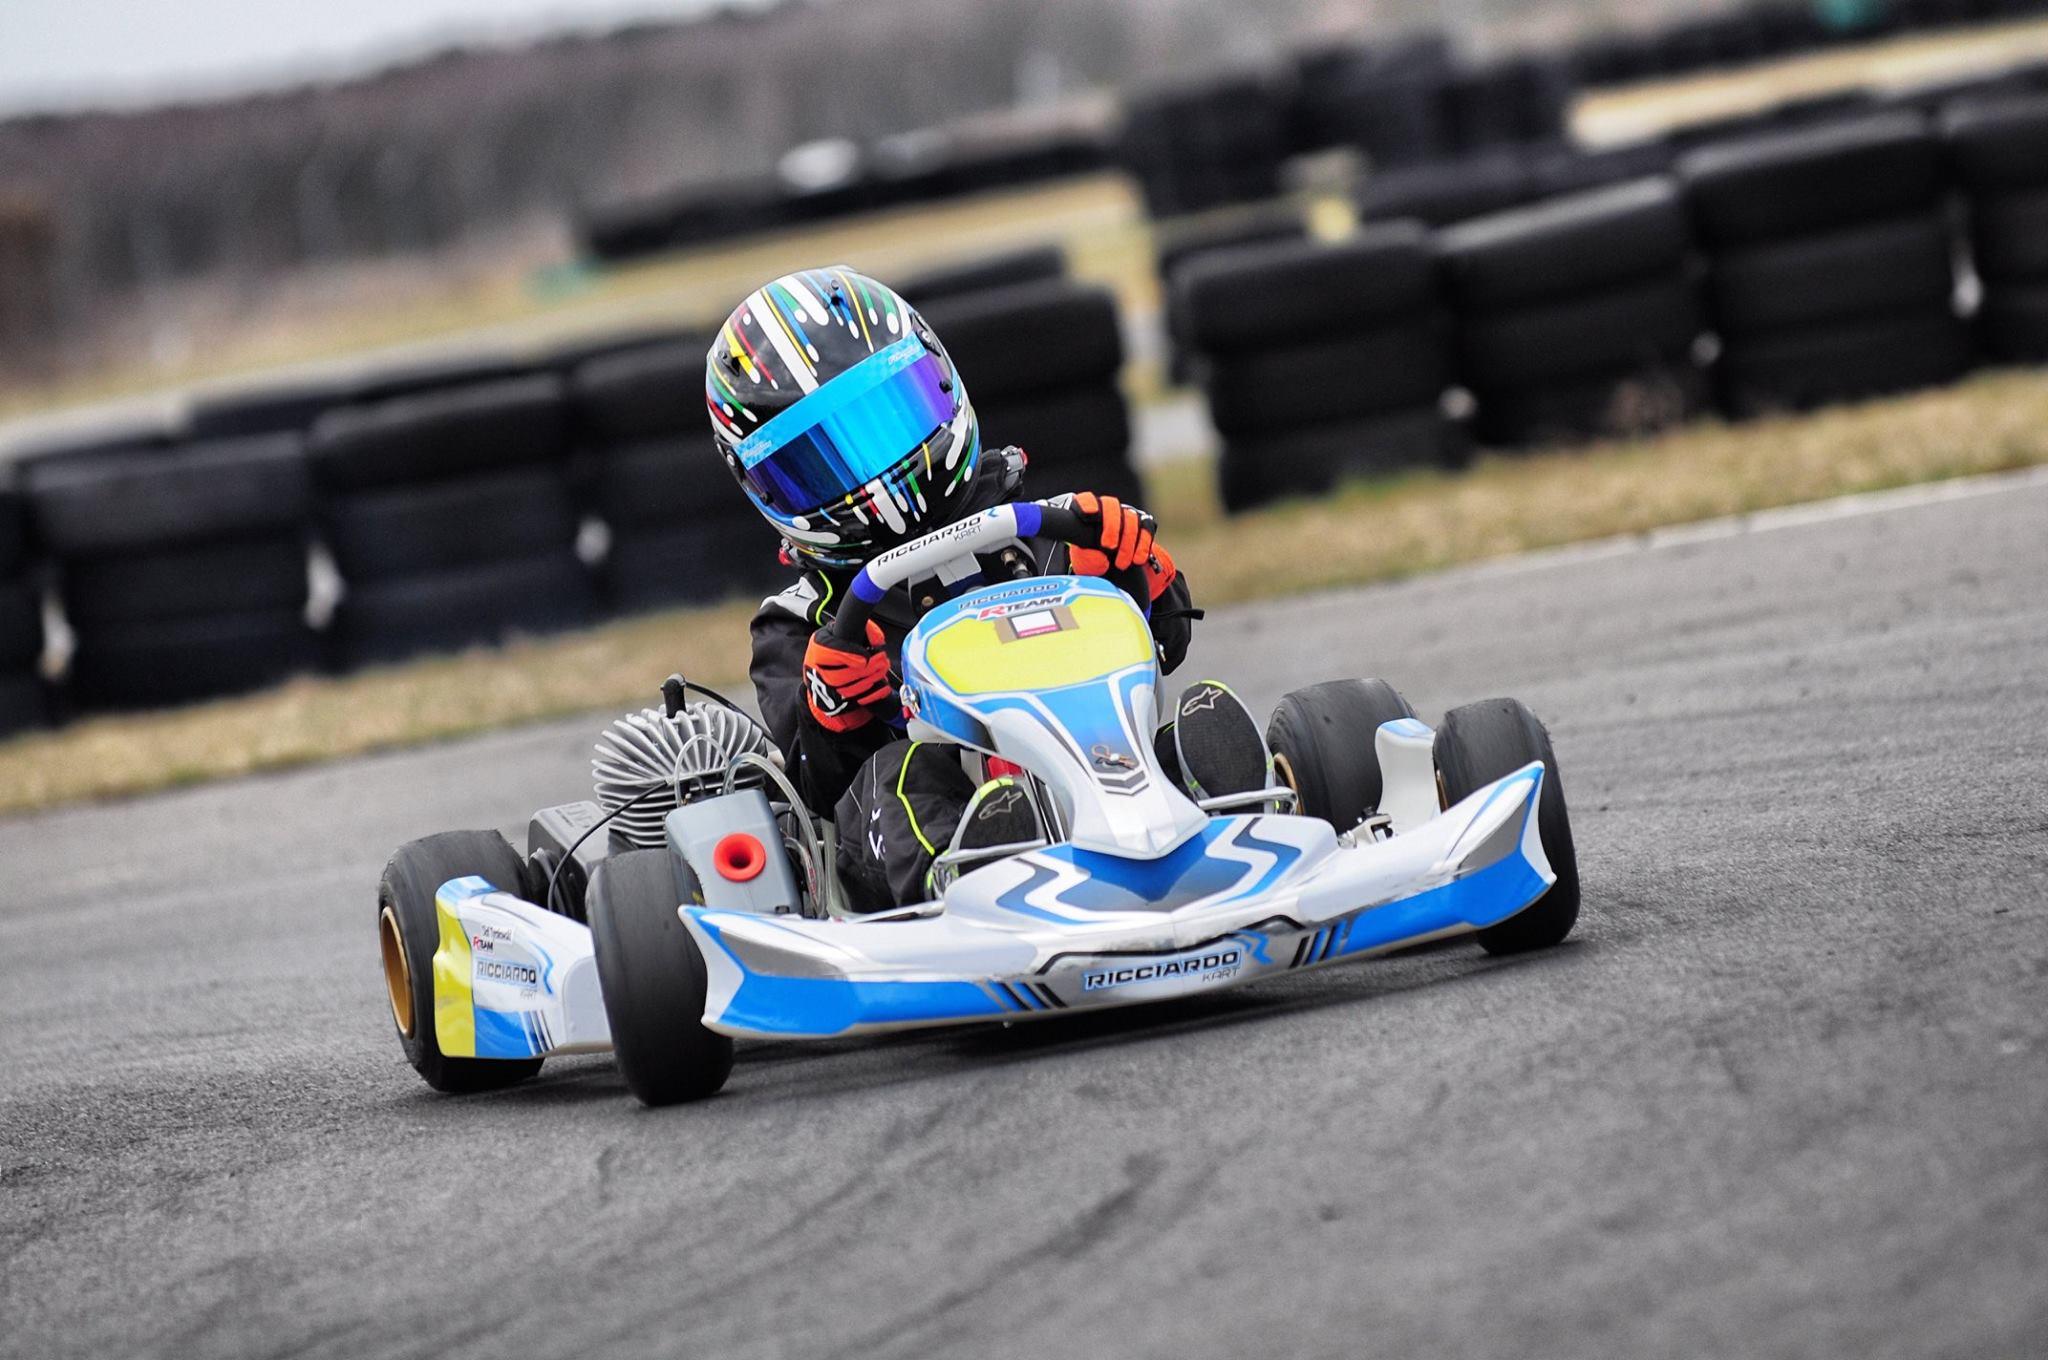 R-Team wystartuje w tym sezonie między innymi na podwoziach Ricciardo Kart. Na zdjęciu Olaf Tyrakowski podczas treningu w Toruniu.